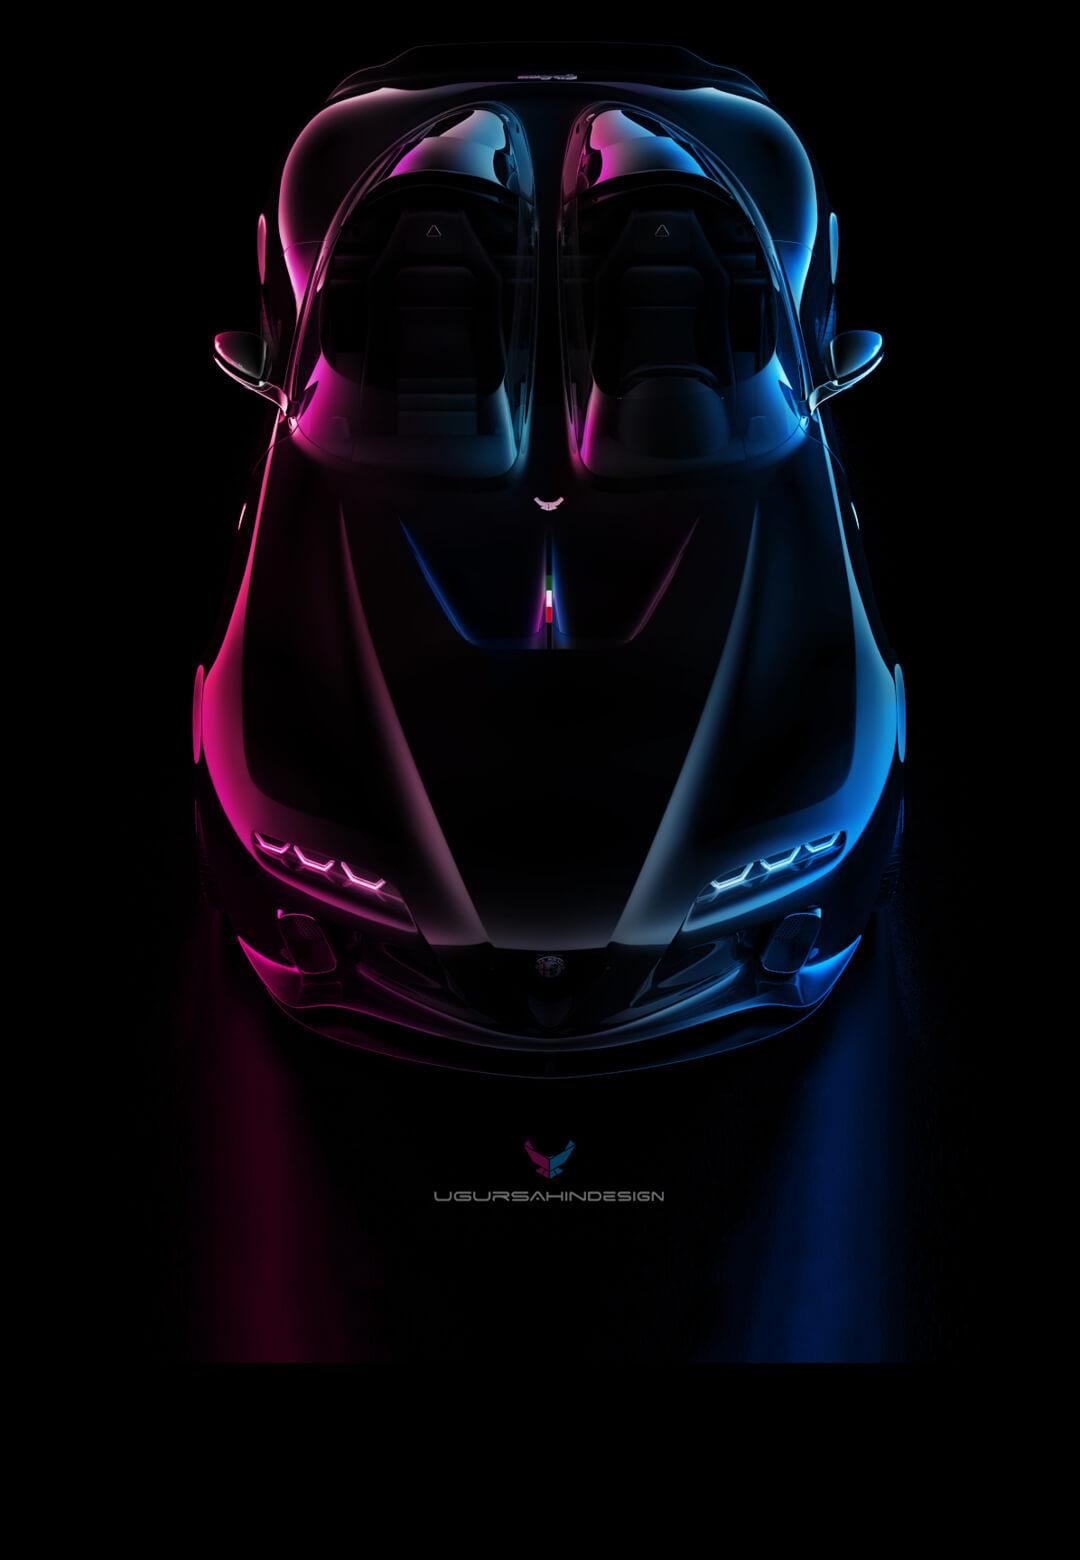 The Alfa Romeo USD Barchetta concept car by Ugur Sahin Design | Alfa Romeo car concept by Ugur Sahin Design | STIRworld